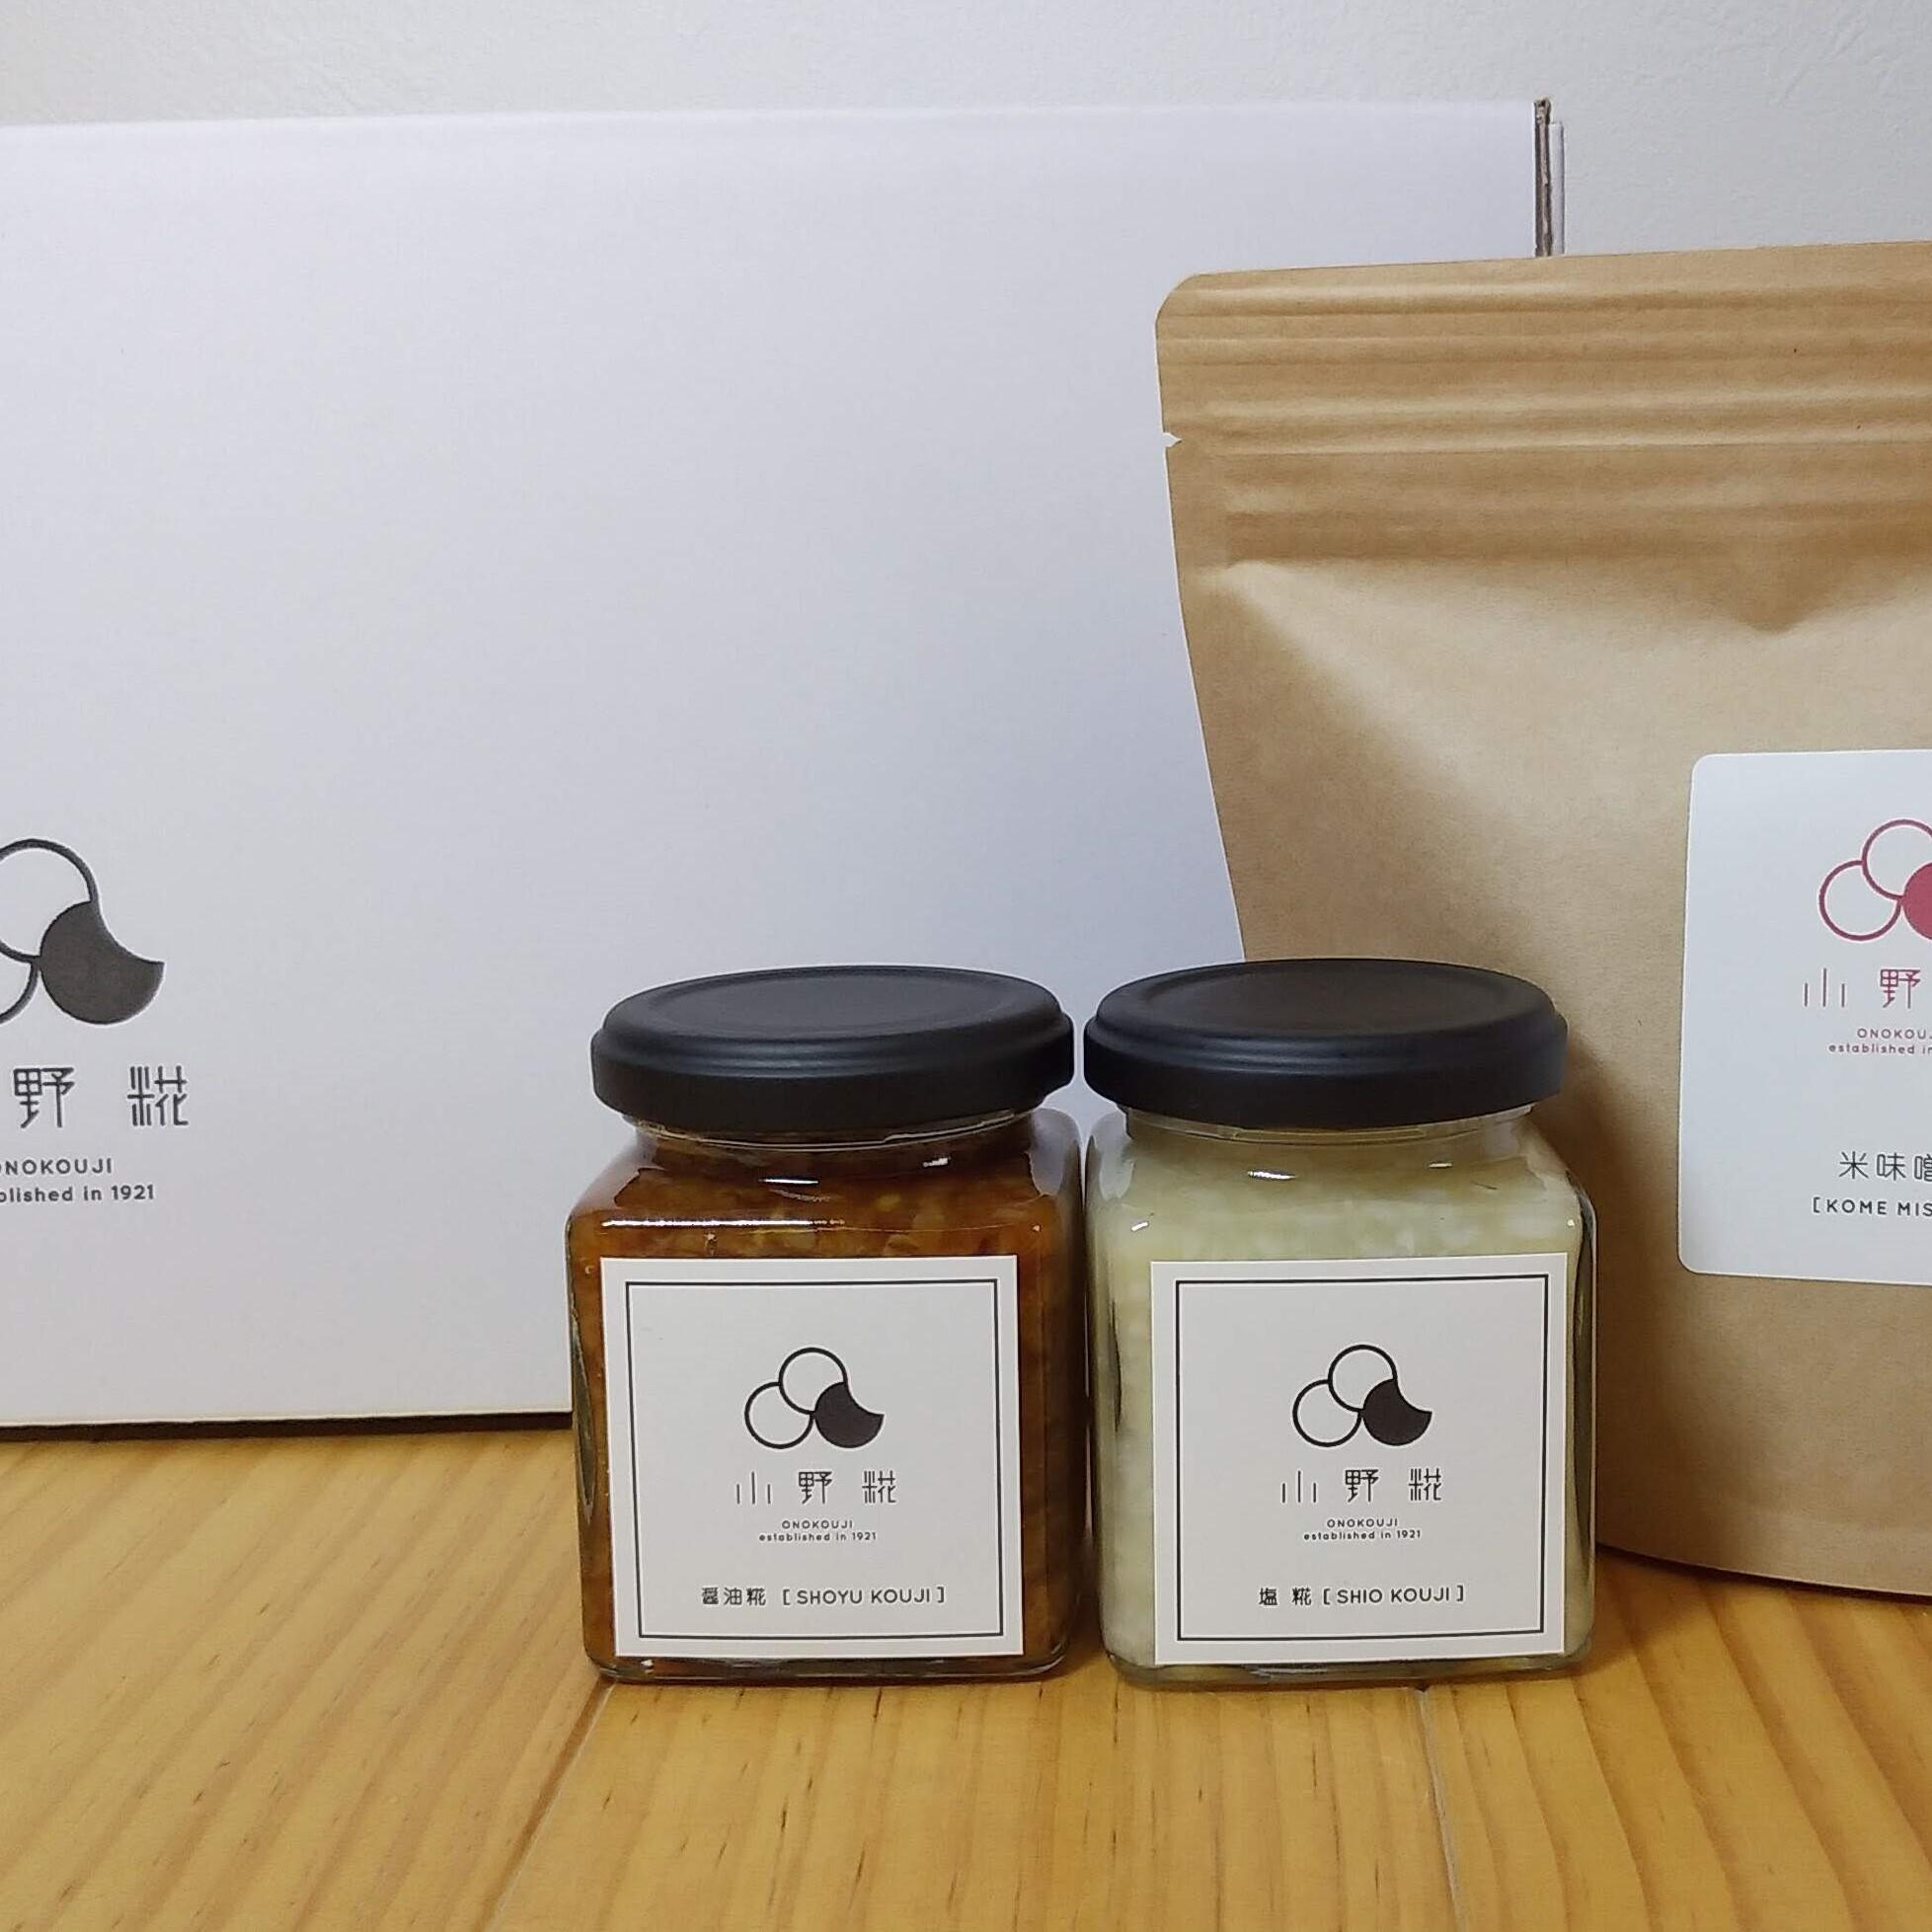 かわいい箱入り!天然醸造米味噌と糀調味料セット